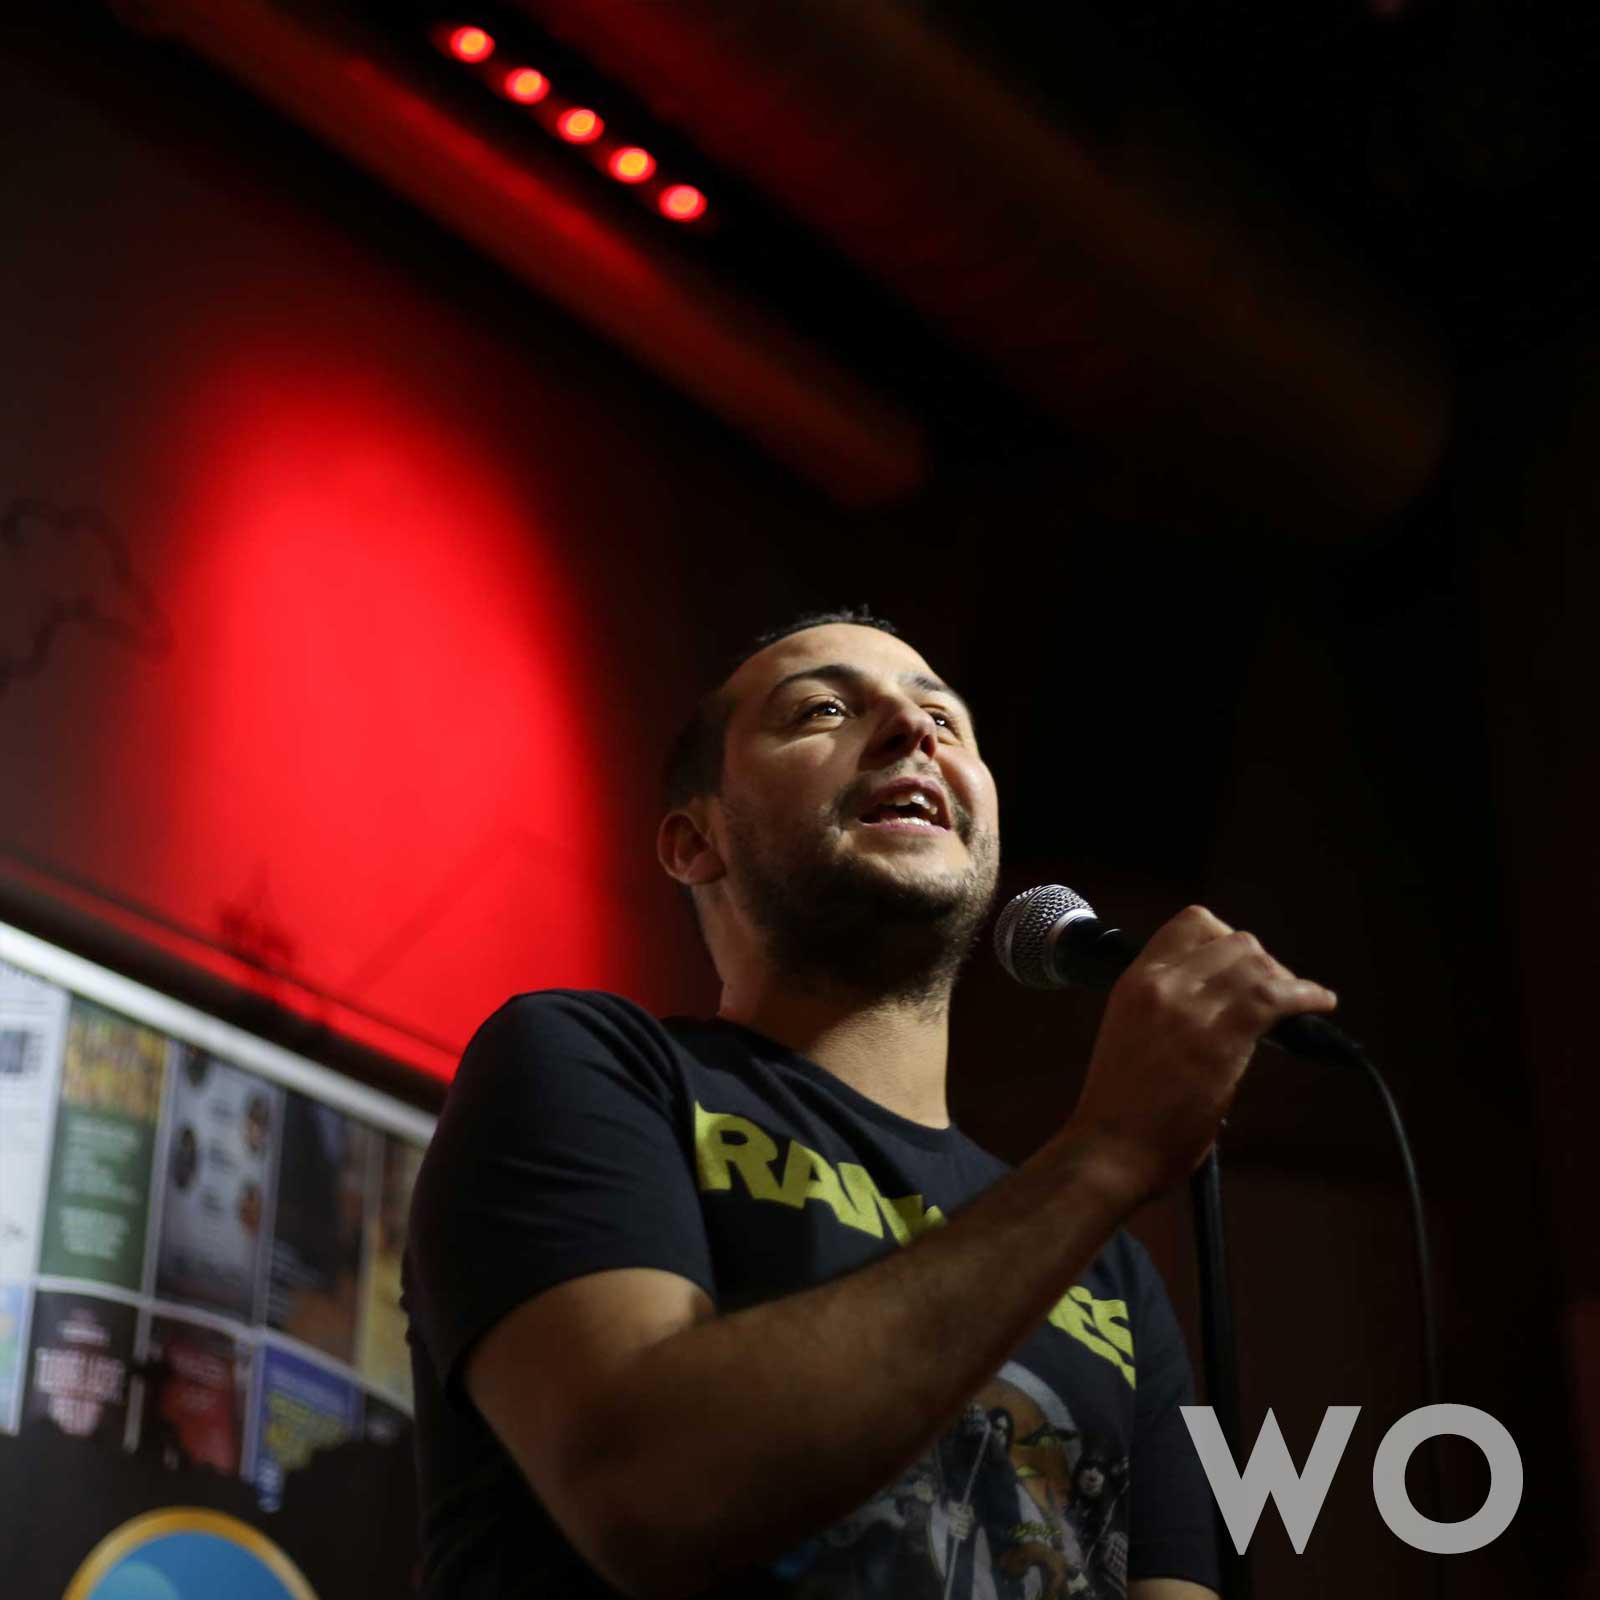 Iedere woensdagavond betreden verschillende comedians ons podium om jouw week te breken met een lach. Hofman is de plek voor jouw wekelijkse dosis humor! Utrecht Lacht begint om 21:00. Voor €12,50 eet jij al de fameuze Hofmanburger tijdens onze Comedyavonden!